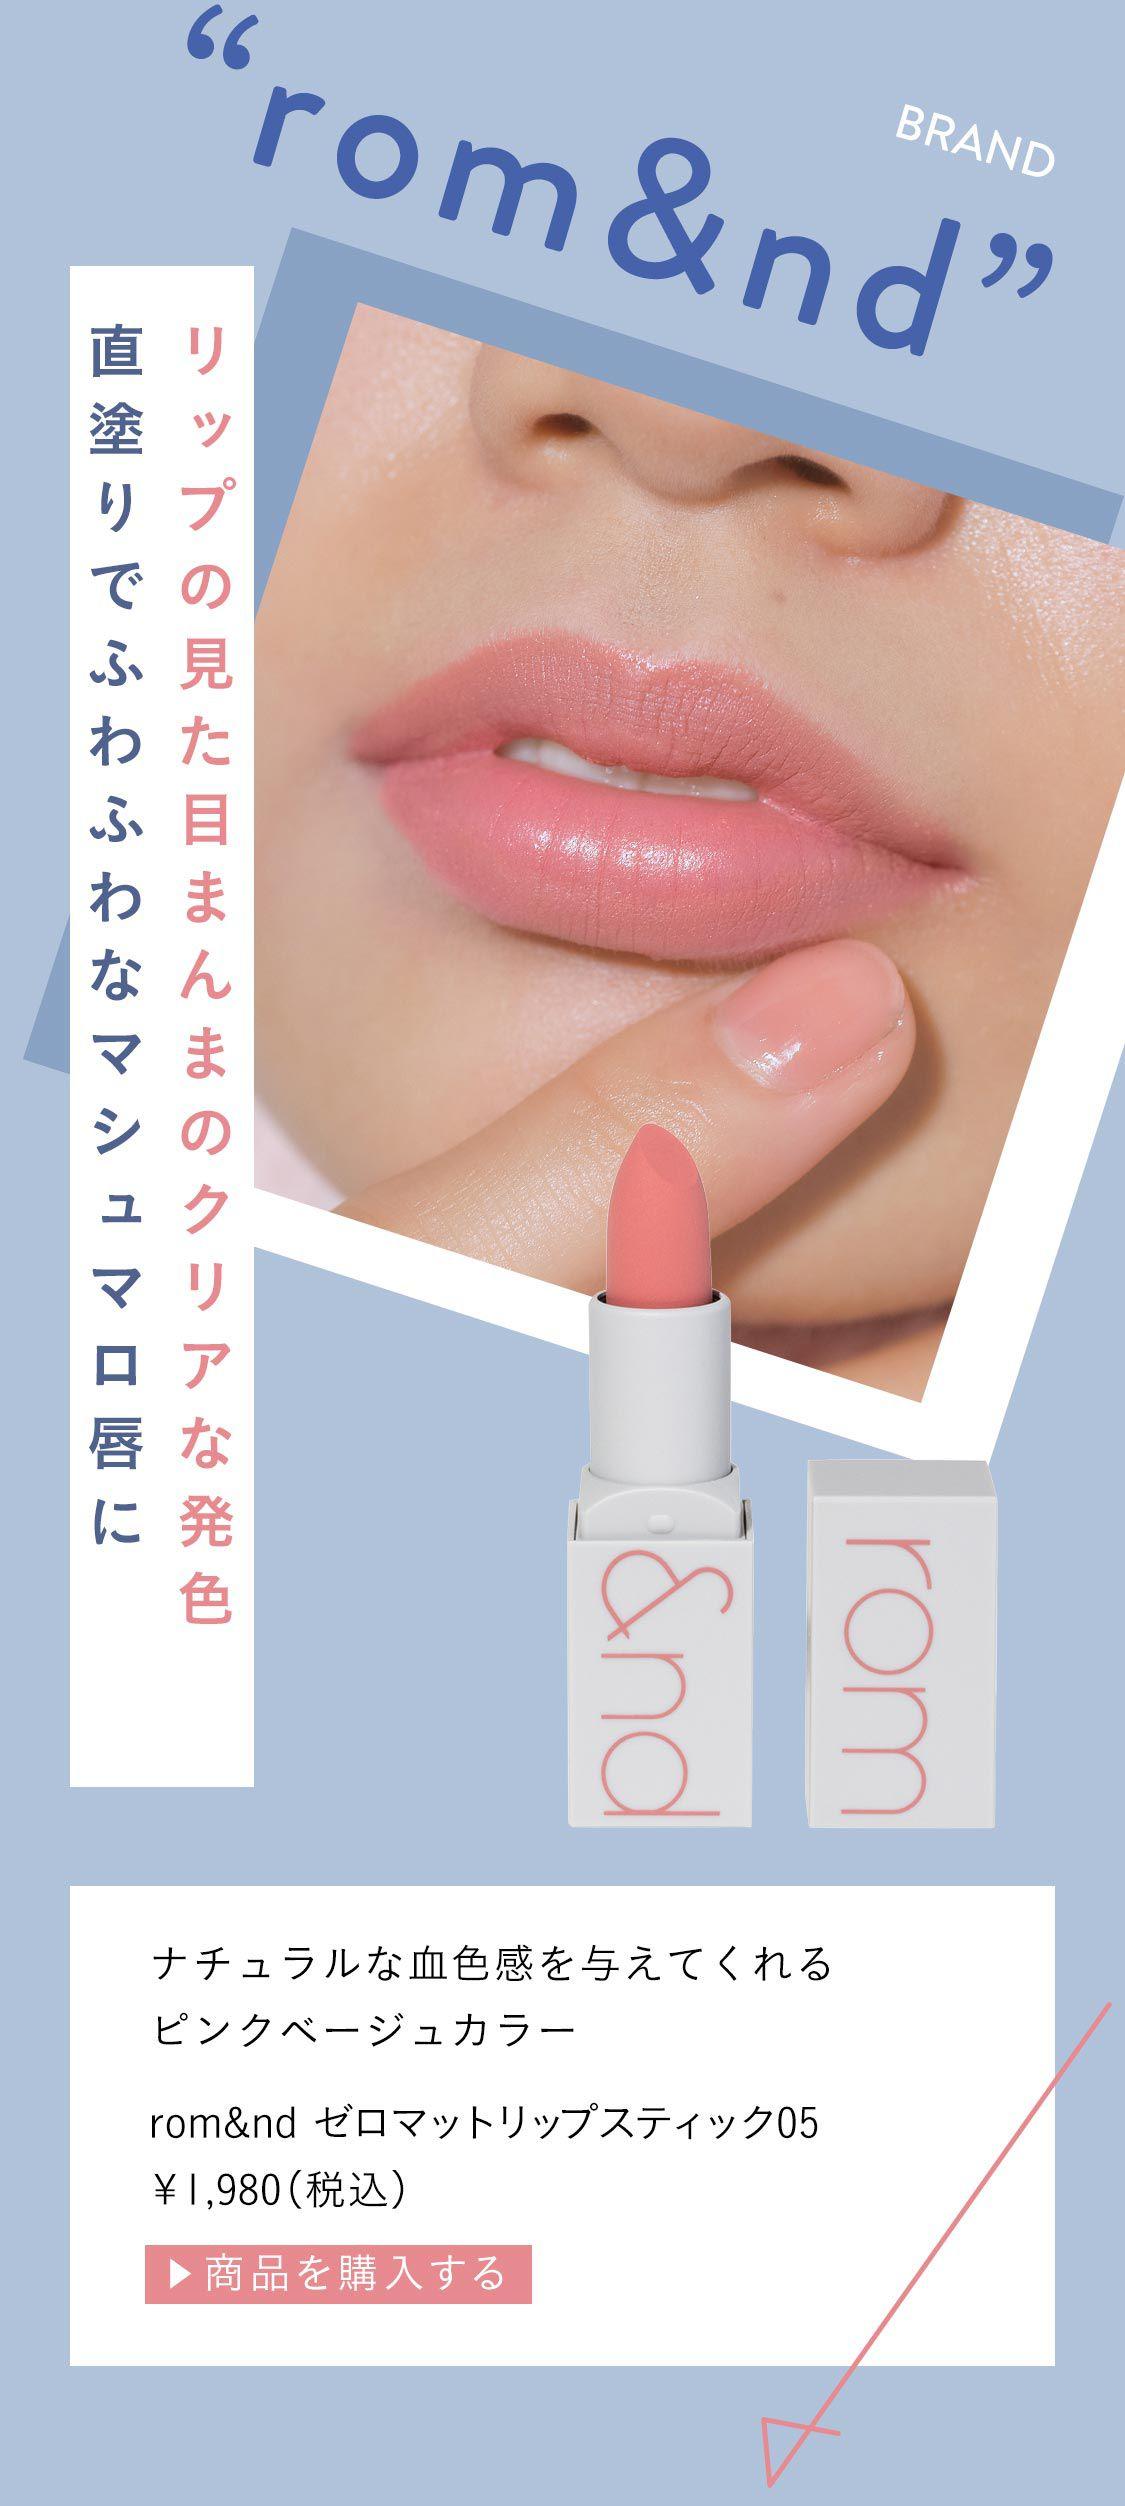 リップの見た目まんまのクリアな発色。直塗りでふわふわなマシュマロ唇に